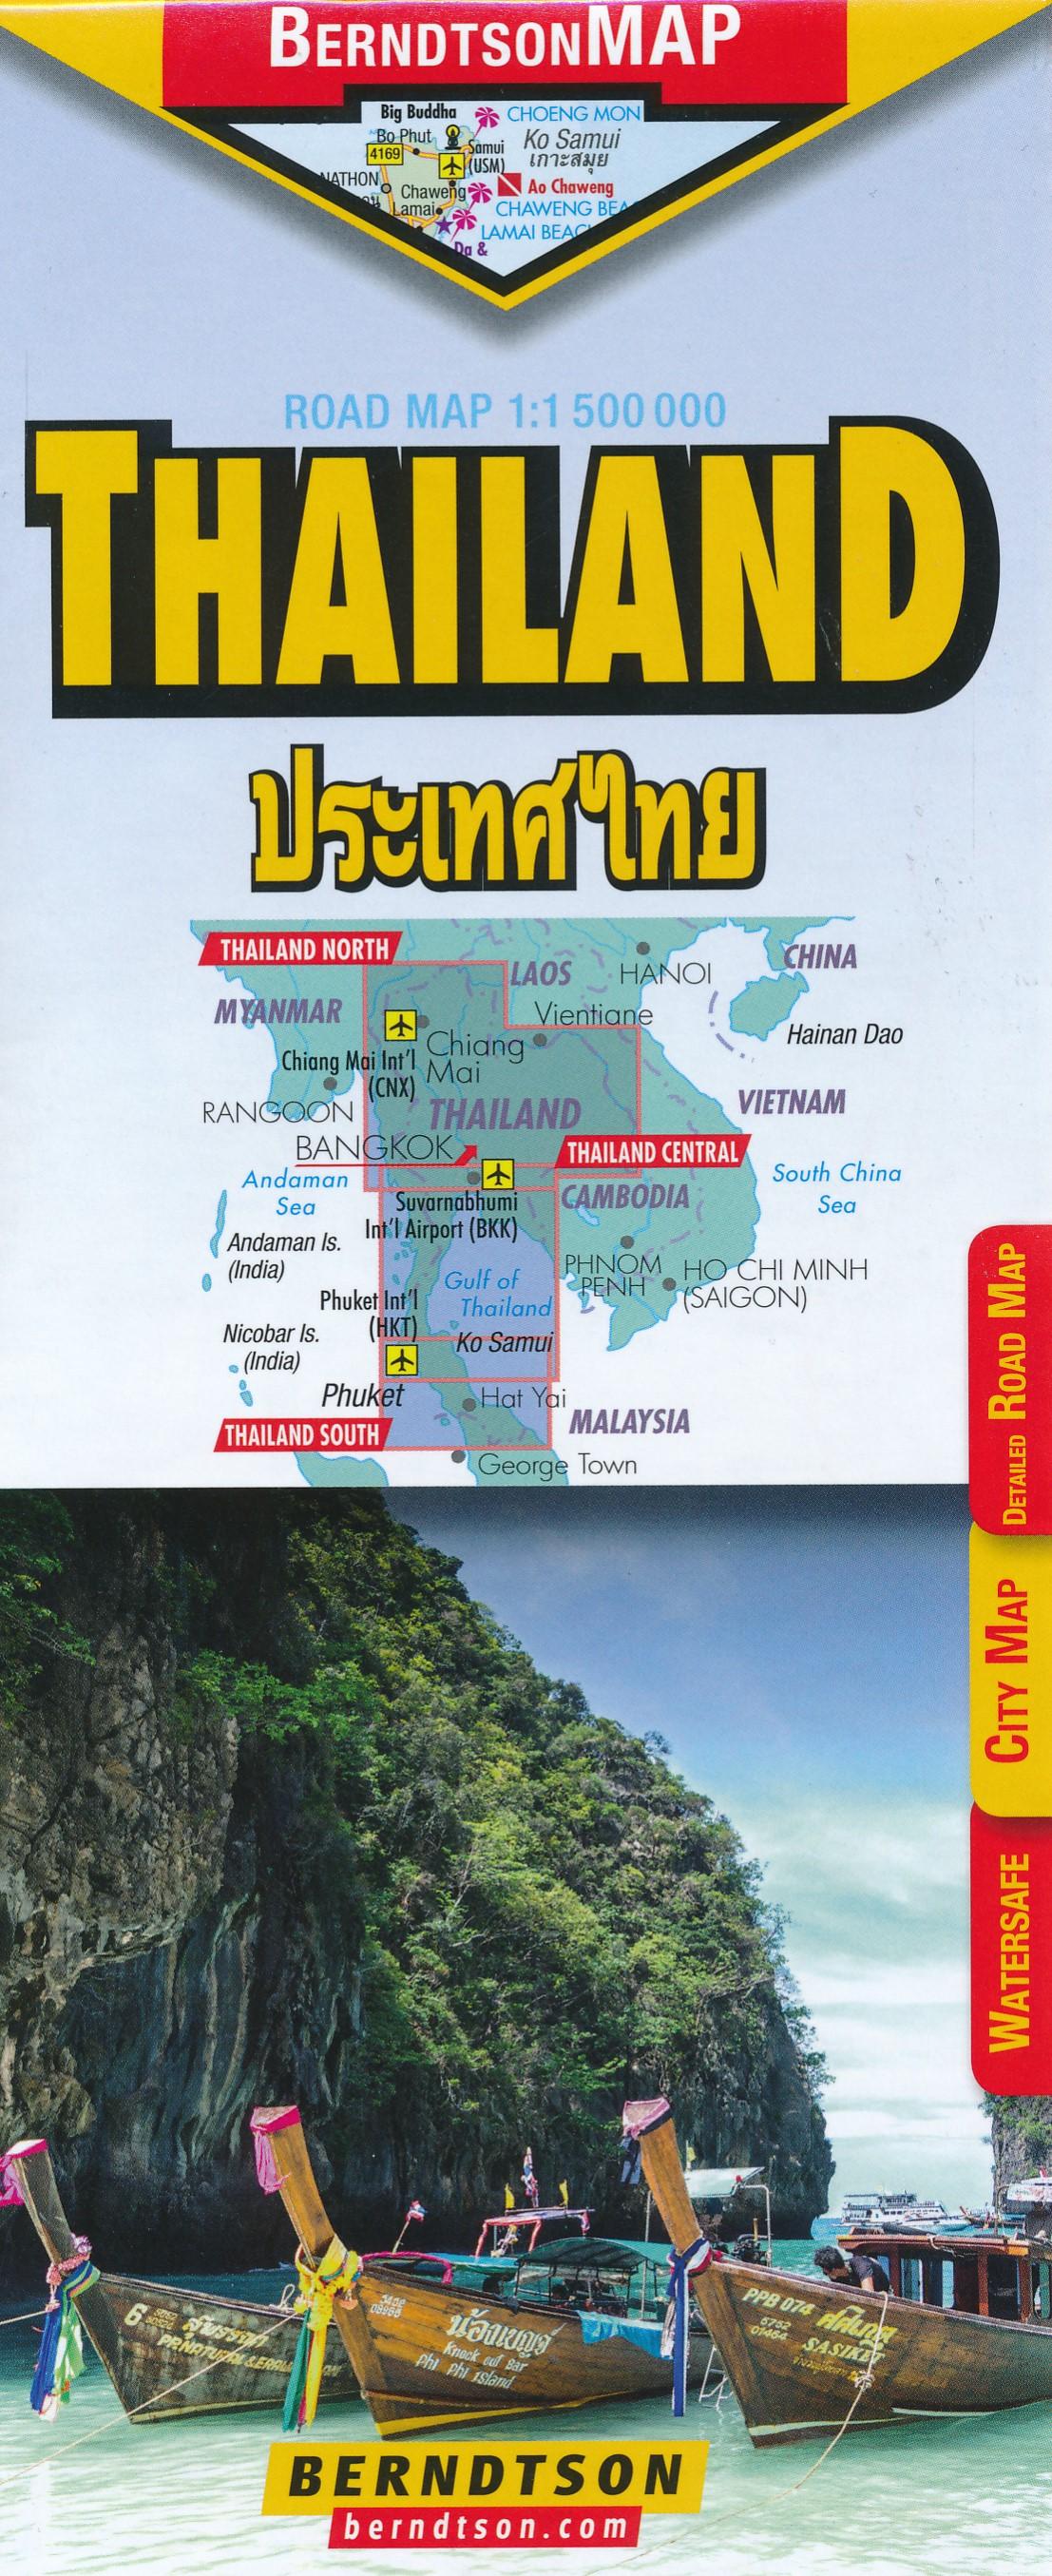 Wegenkaart - landkaart Thailand | Berndtson